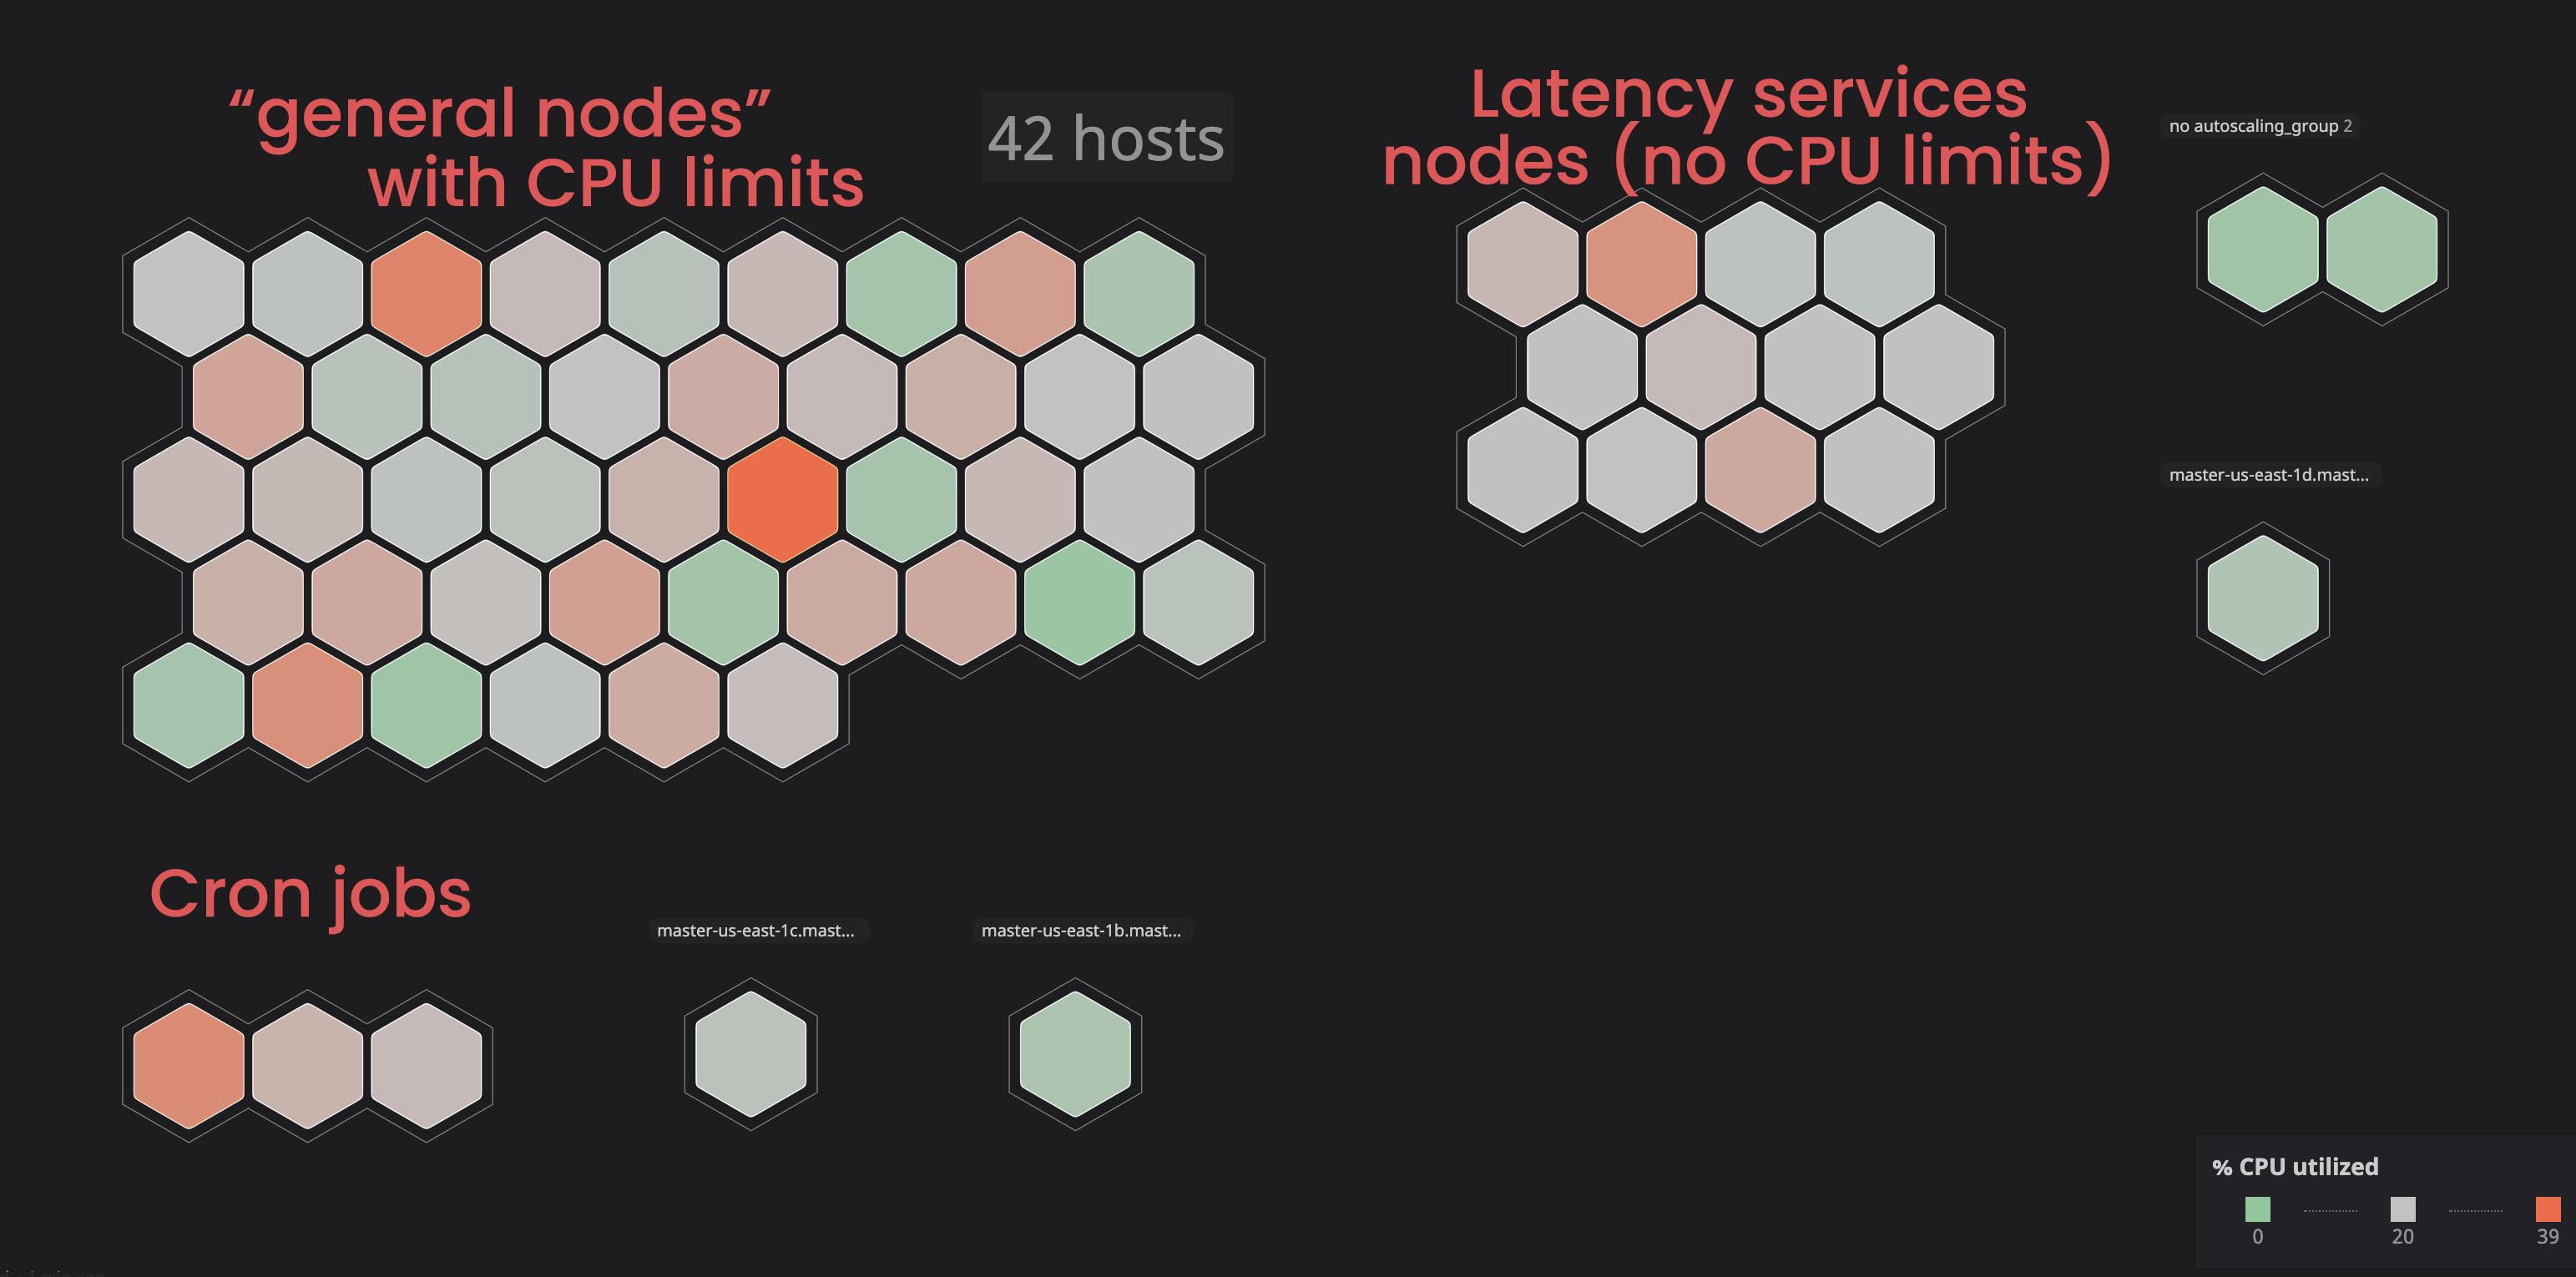 Buffer k8s nodes infrastructure